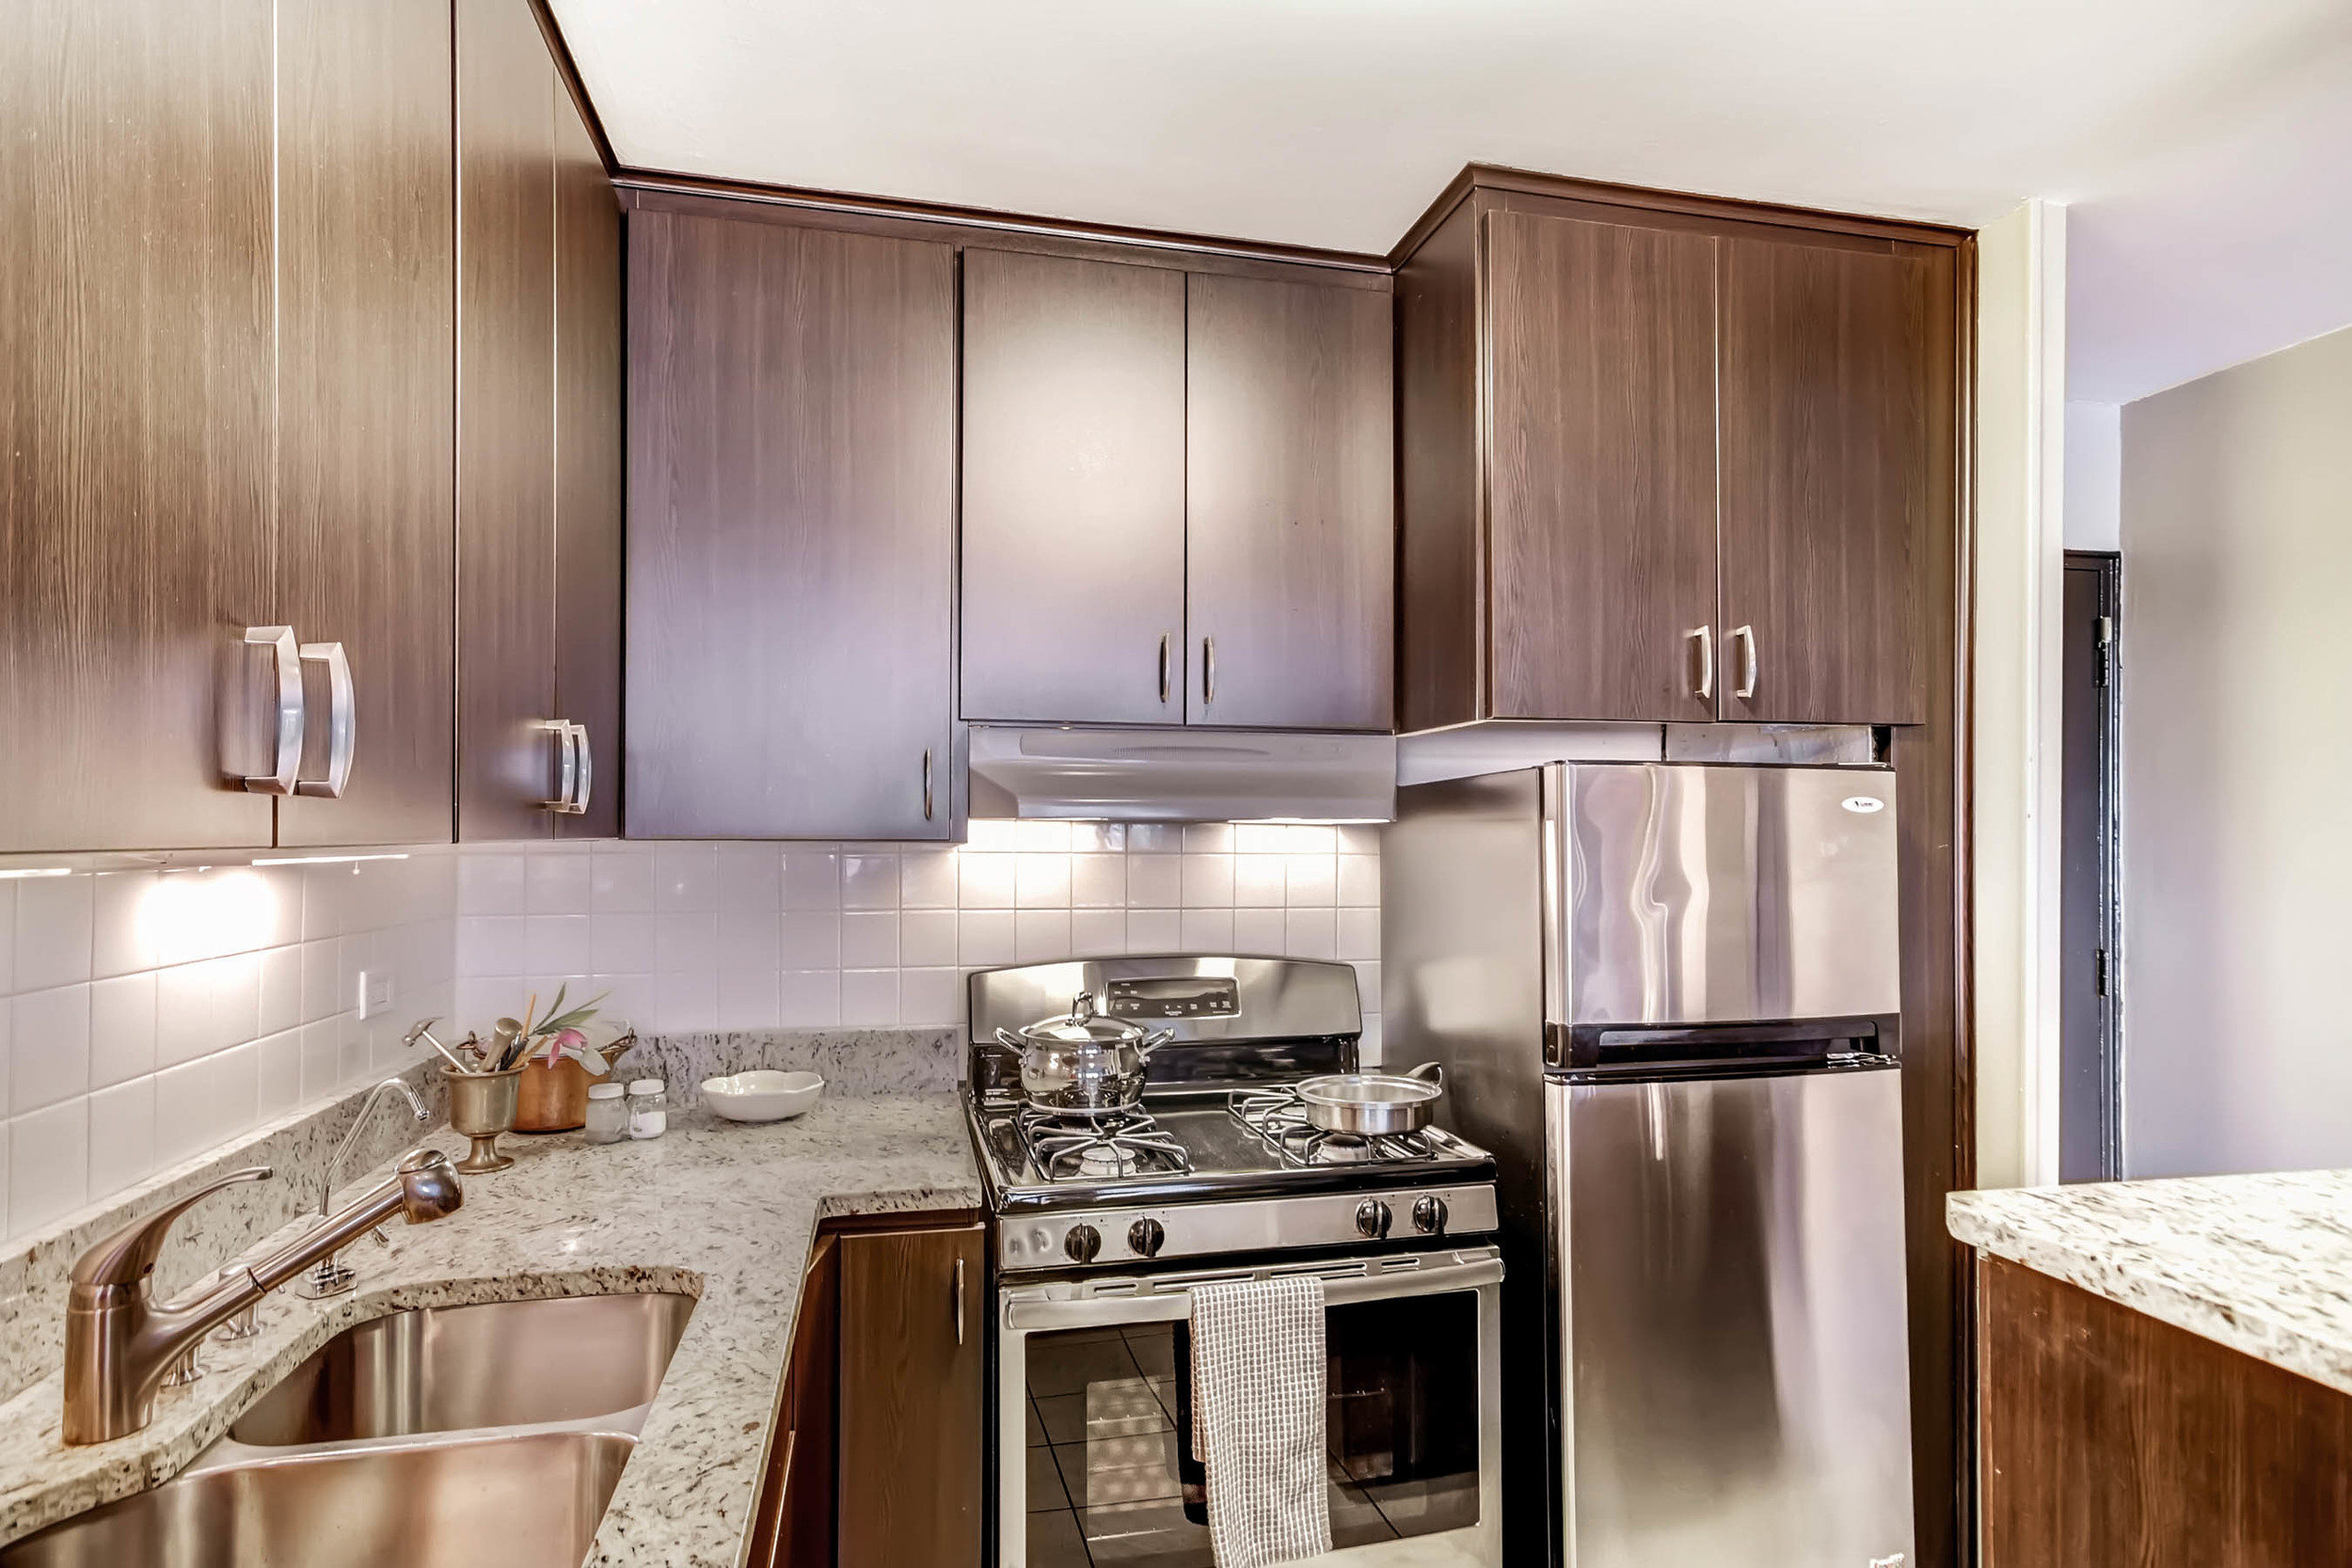 800 Washington St Unit 706-print-010-14-Kitchen-2700x1800-300dpi.jpg